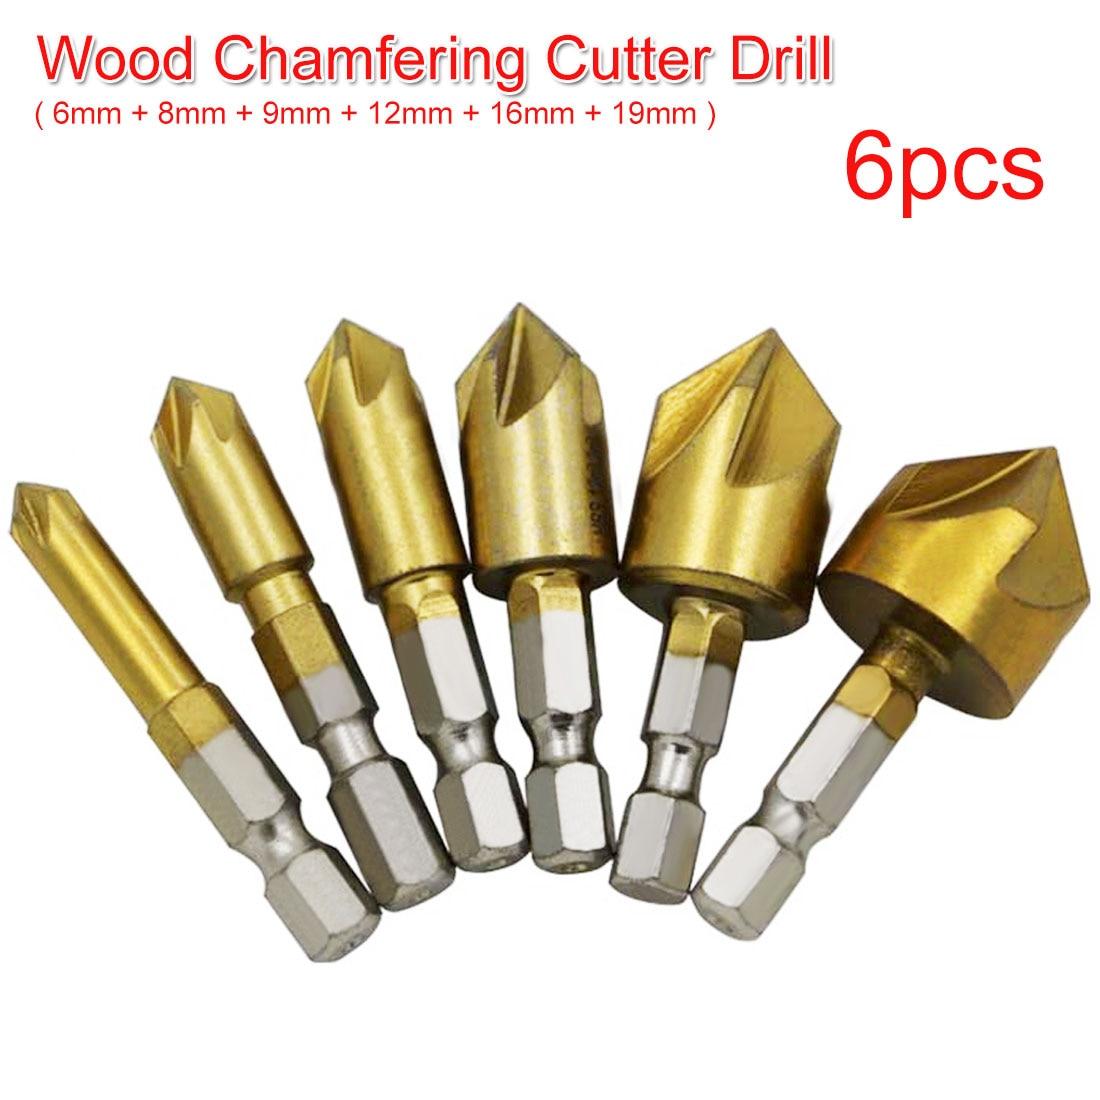 6pcs Countersink Drill Bit Hex Shank HSS 5 Flute Countersink 90 Degree Wood Chamfering Cutter Chamfer 6mm 8mm 9mm 12mm 16mm 19mm